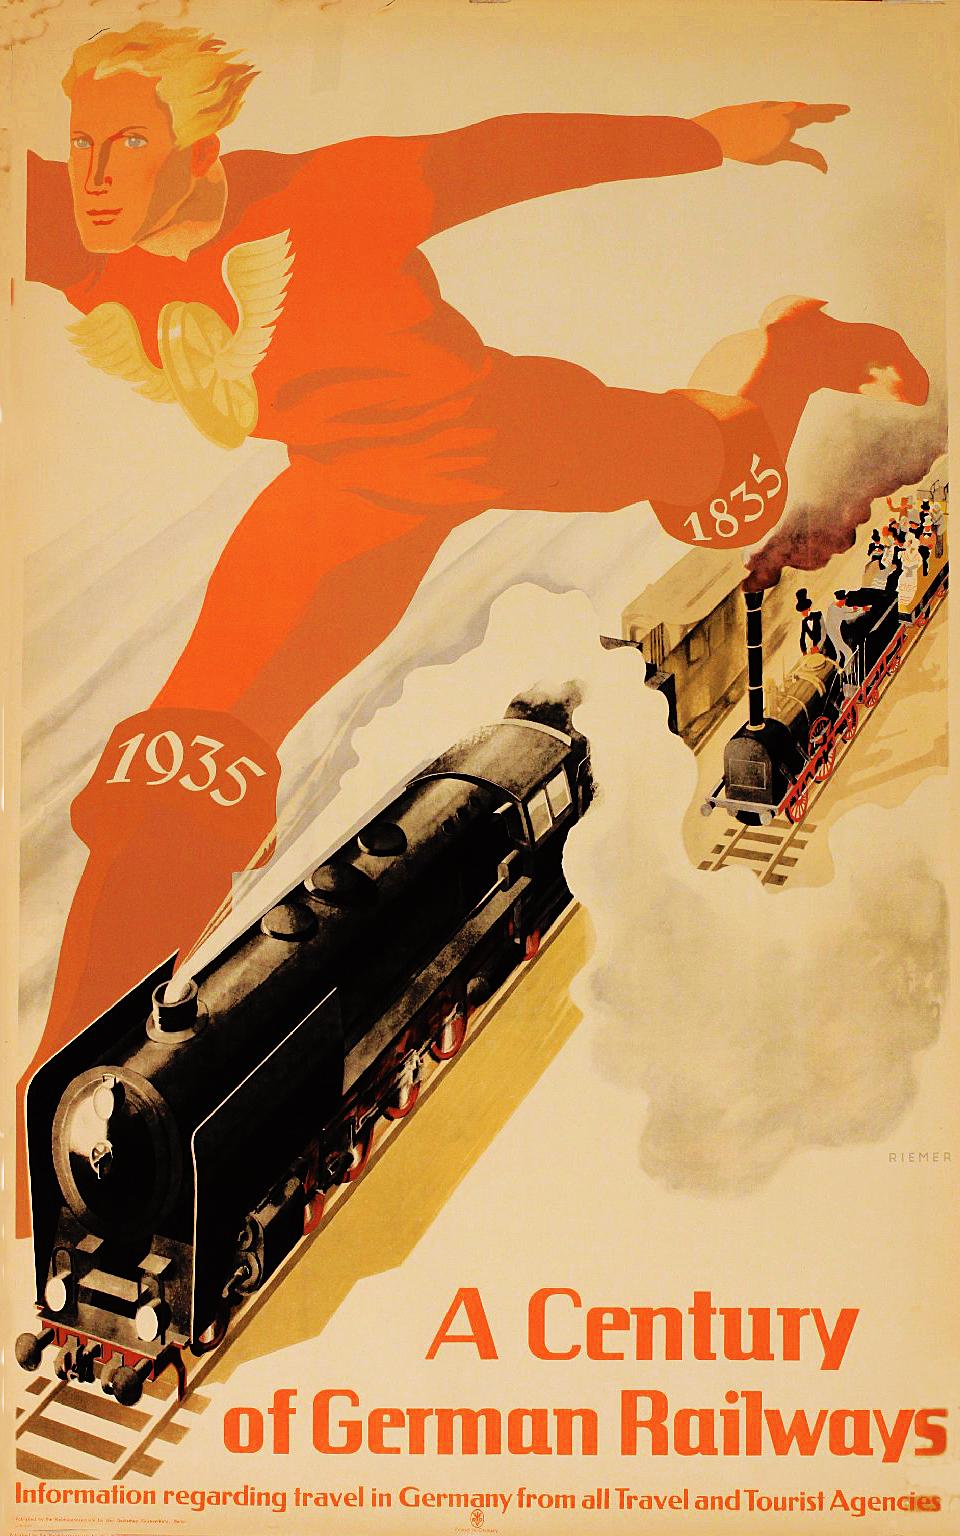 Александер Рімер. Сторіччя залізниці Німеччини, 1935; плакат